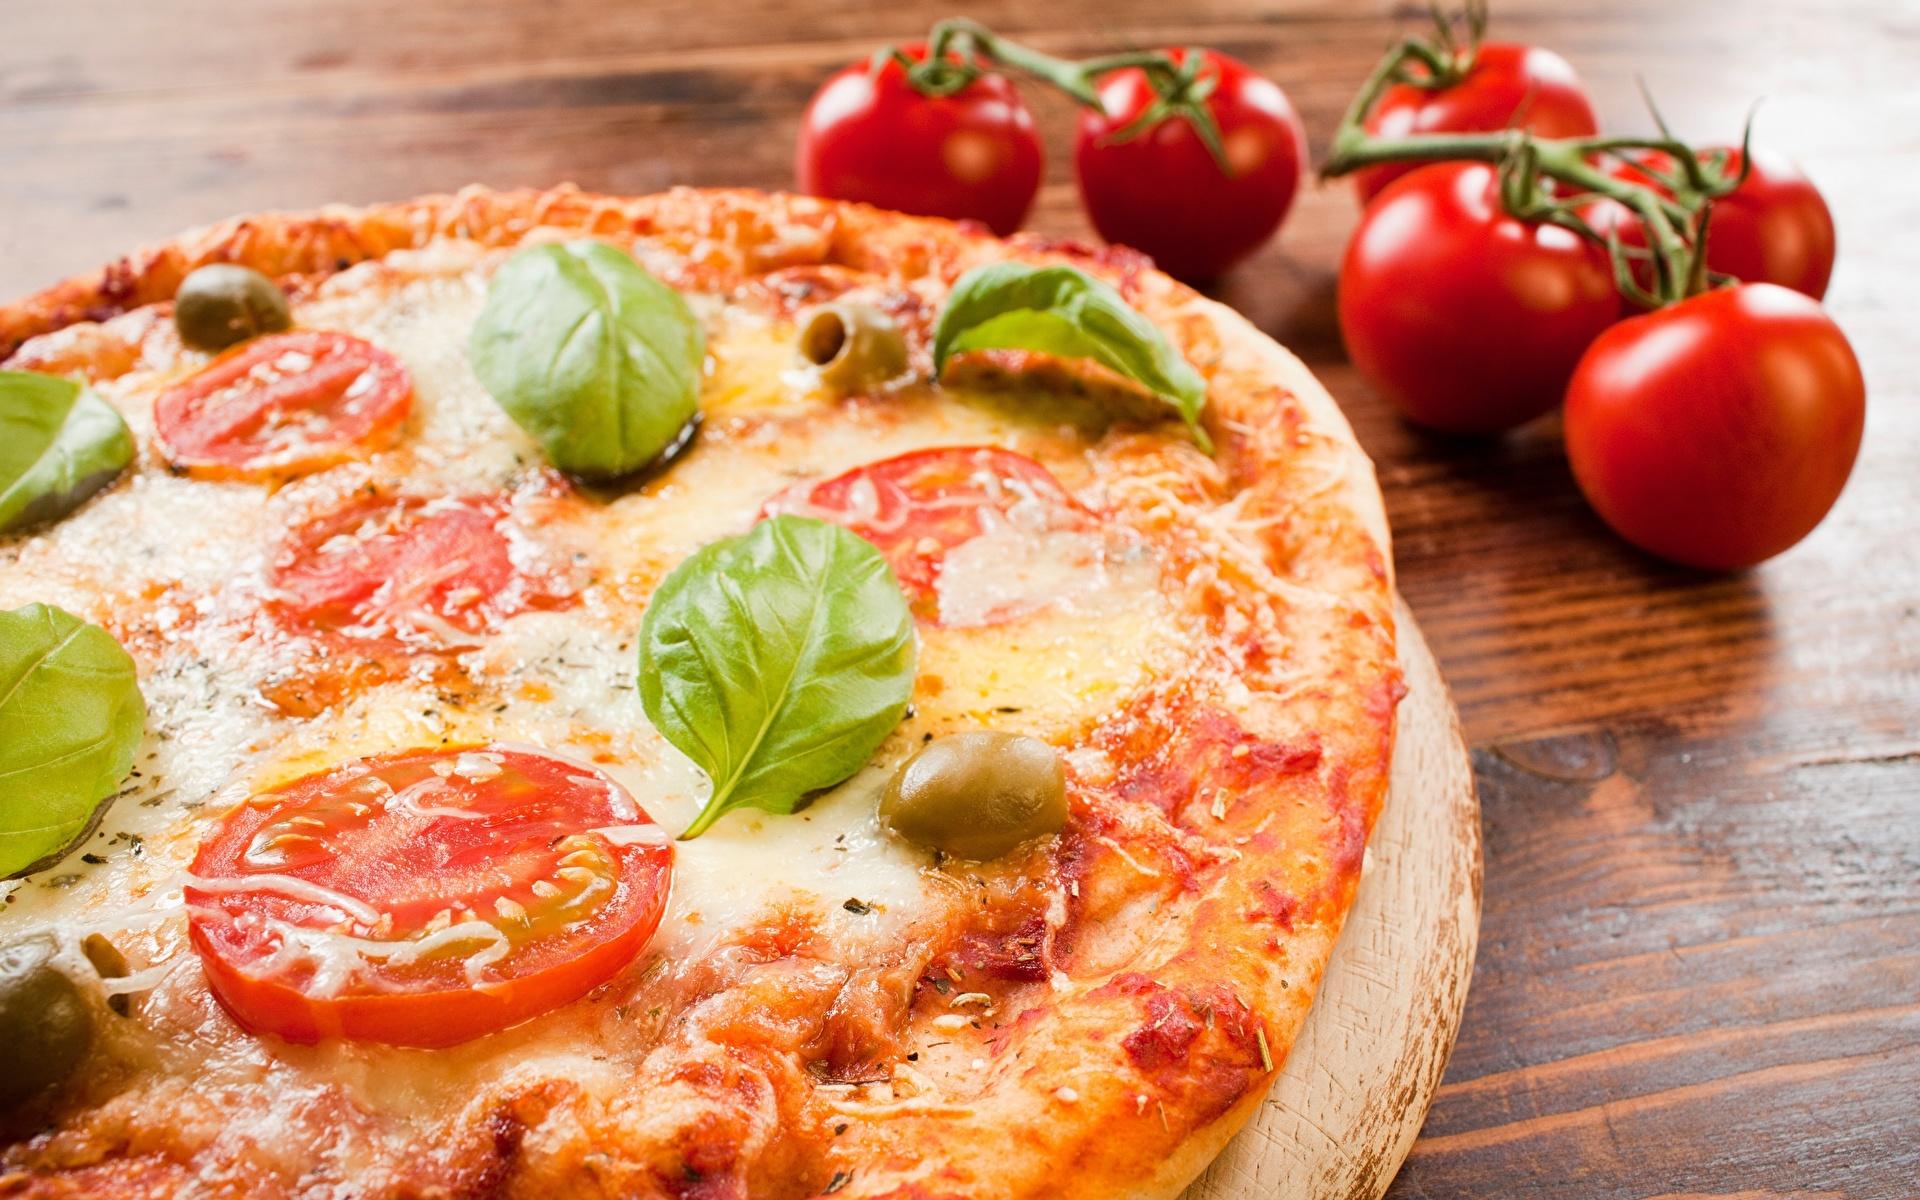 Фотографии Продукты питания Пицца Томаты Базилик душистый вблизи 1920x1200 Еда Пища Помидоры Крупным планом